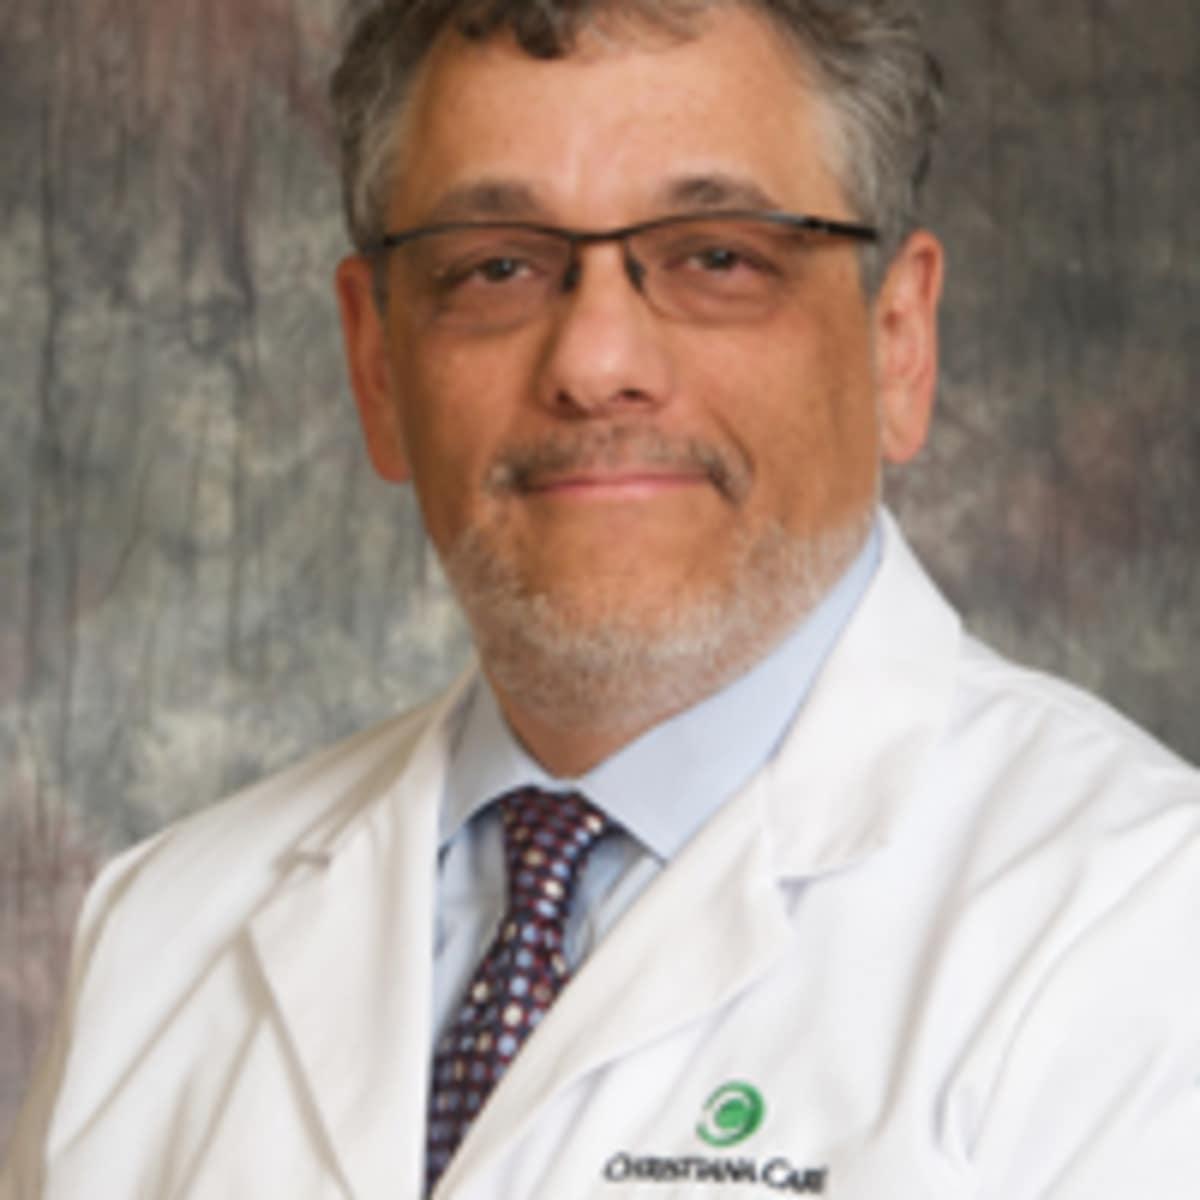 Dr Dressler